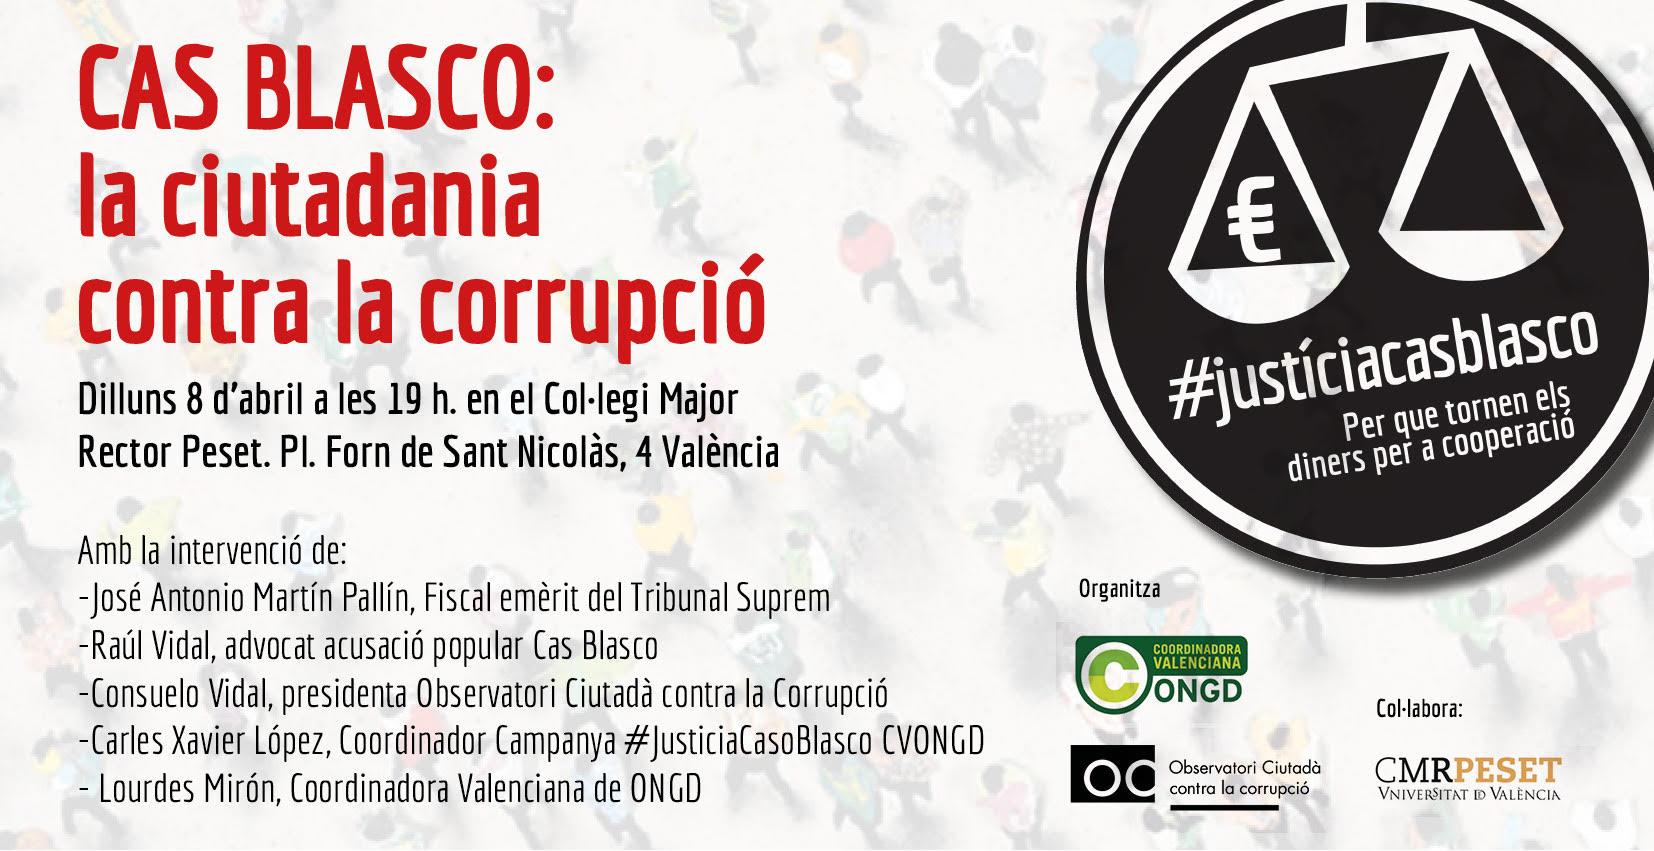 Tarjeta_Cas_Blasco_ciutadania_contra_corrupció